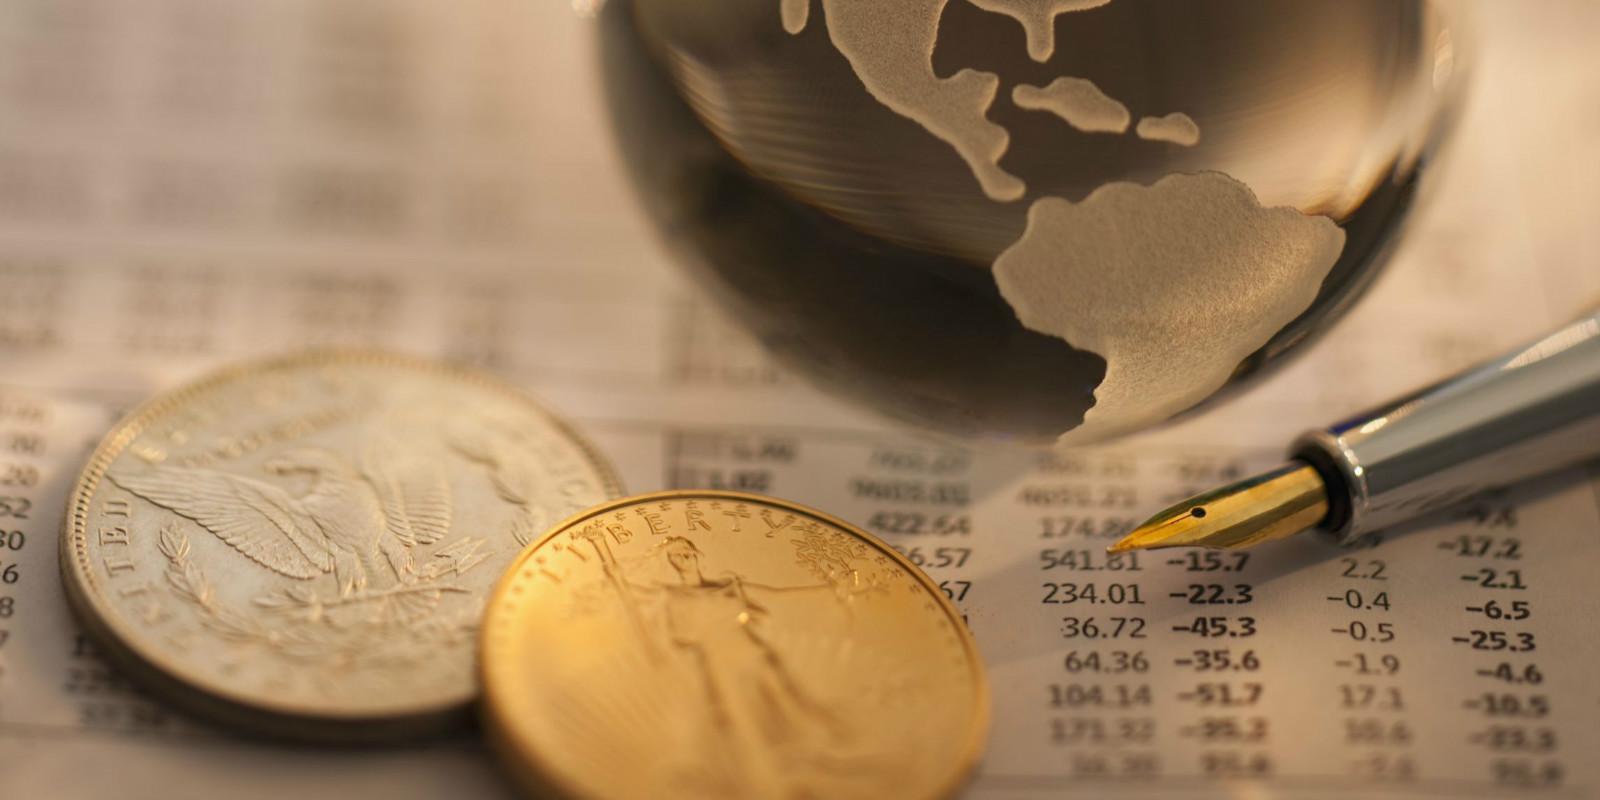 恒逸石化股票资金揭秘:融资融券信息